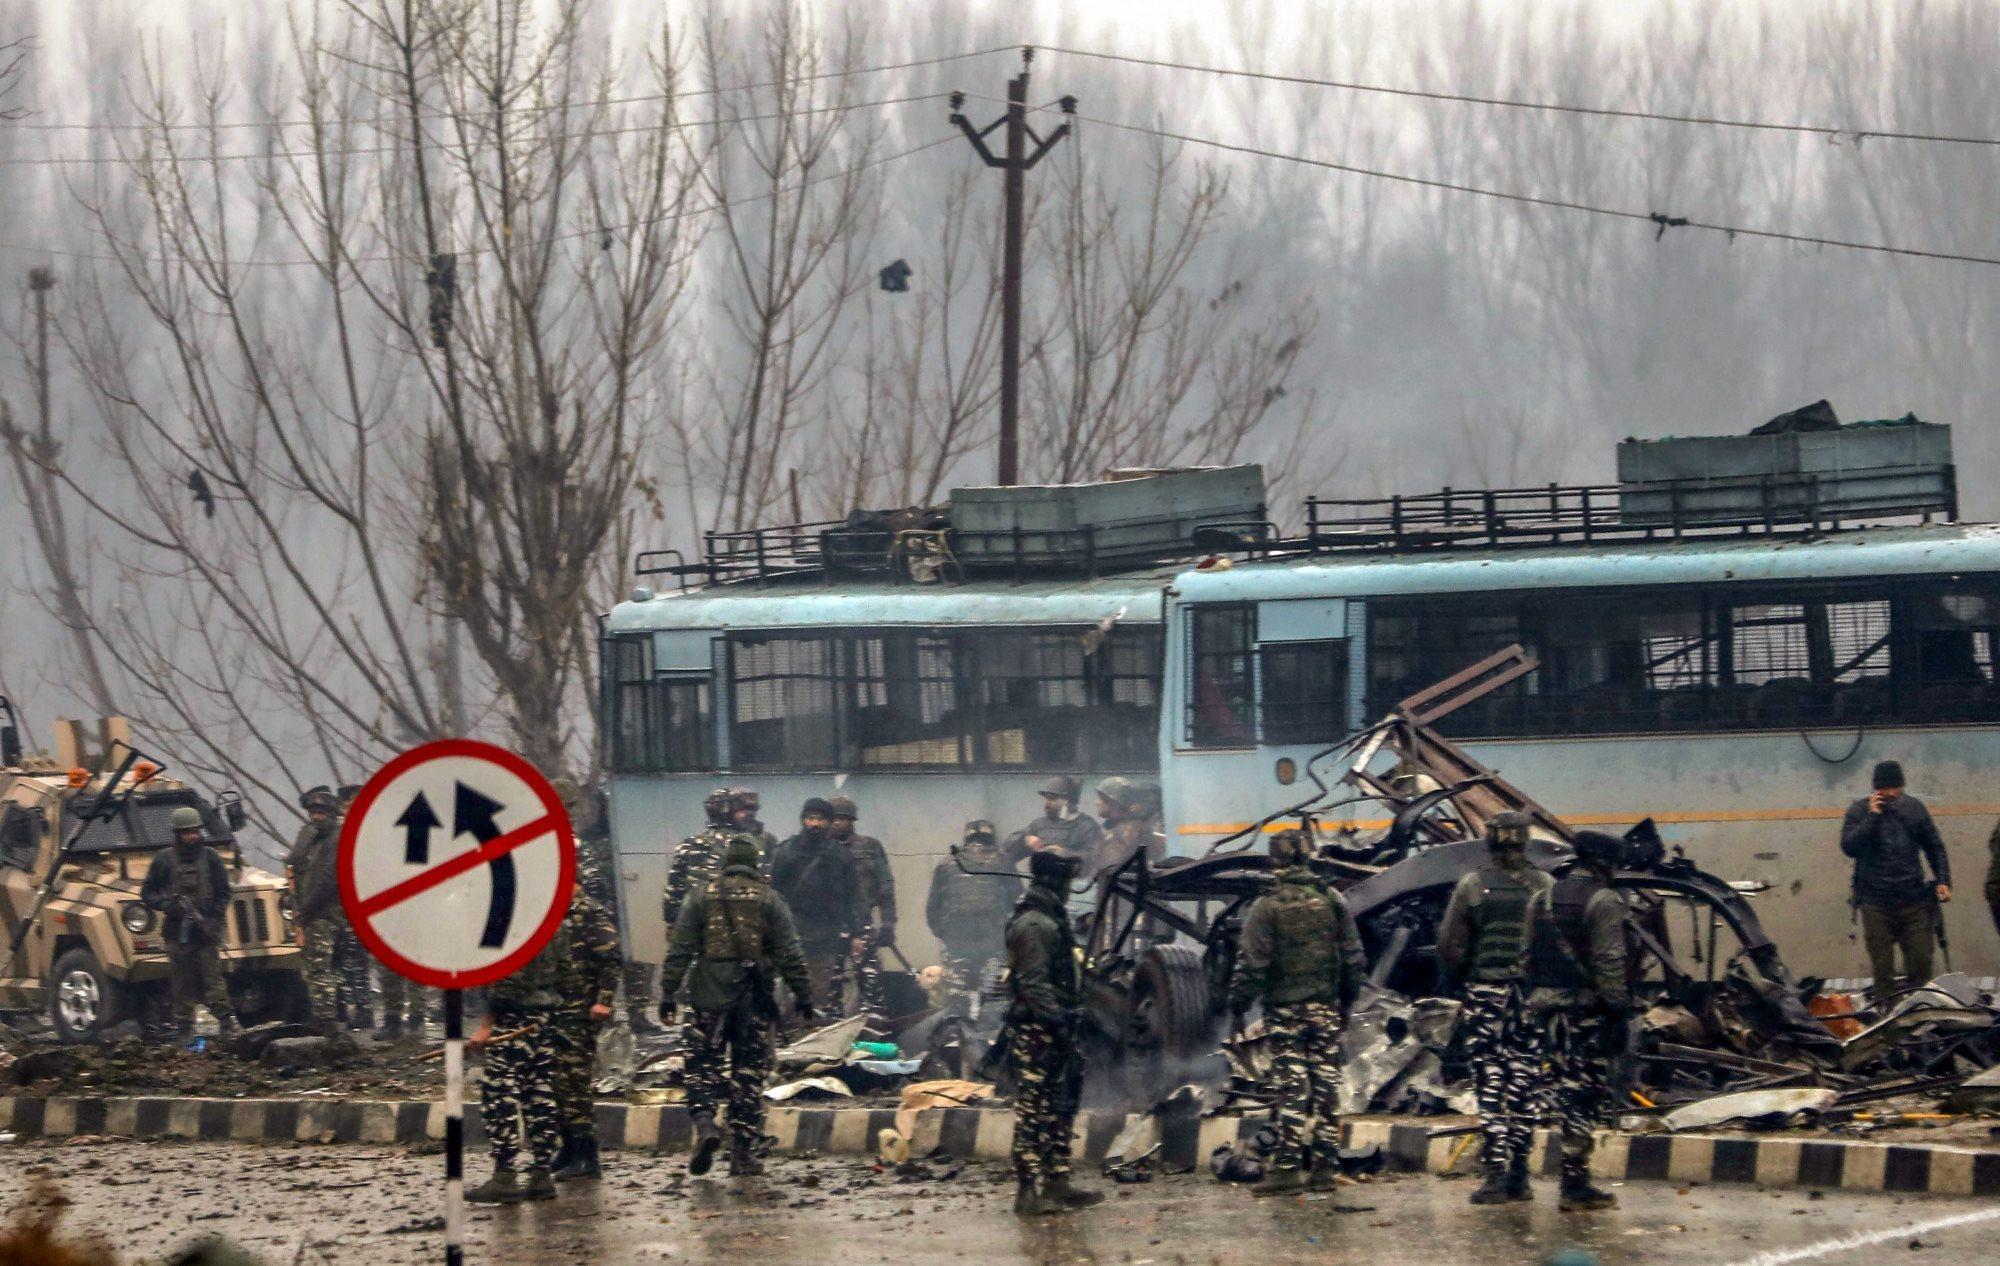 جموں و کشمیر کے پلواما ضلع کا اونتی پورہ، جہاں گزشتہ 14 فروری کو سی آر پی ایف کے جوانوں پر دہشت گردانہ حملہ ہوا (فوٹو : پی ٹی آئی)